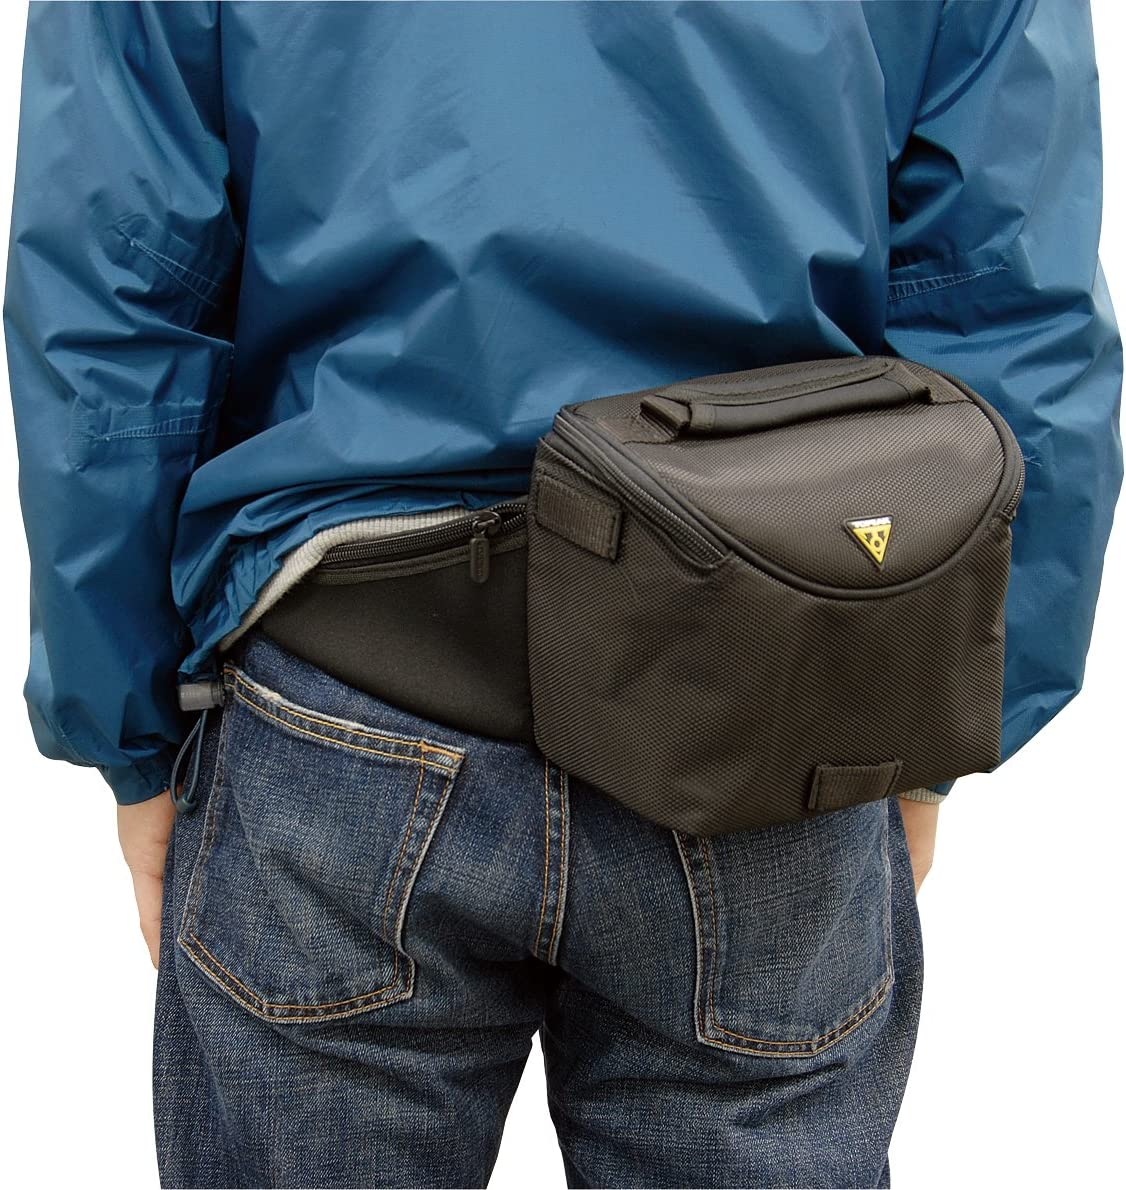 Black by Topeak Topeak Compact Handlebar Bag